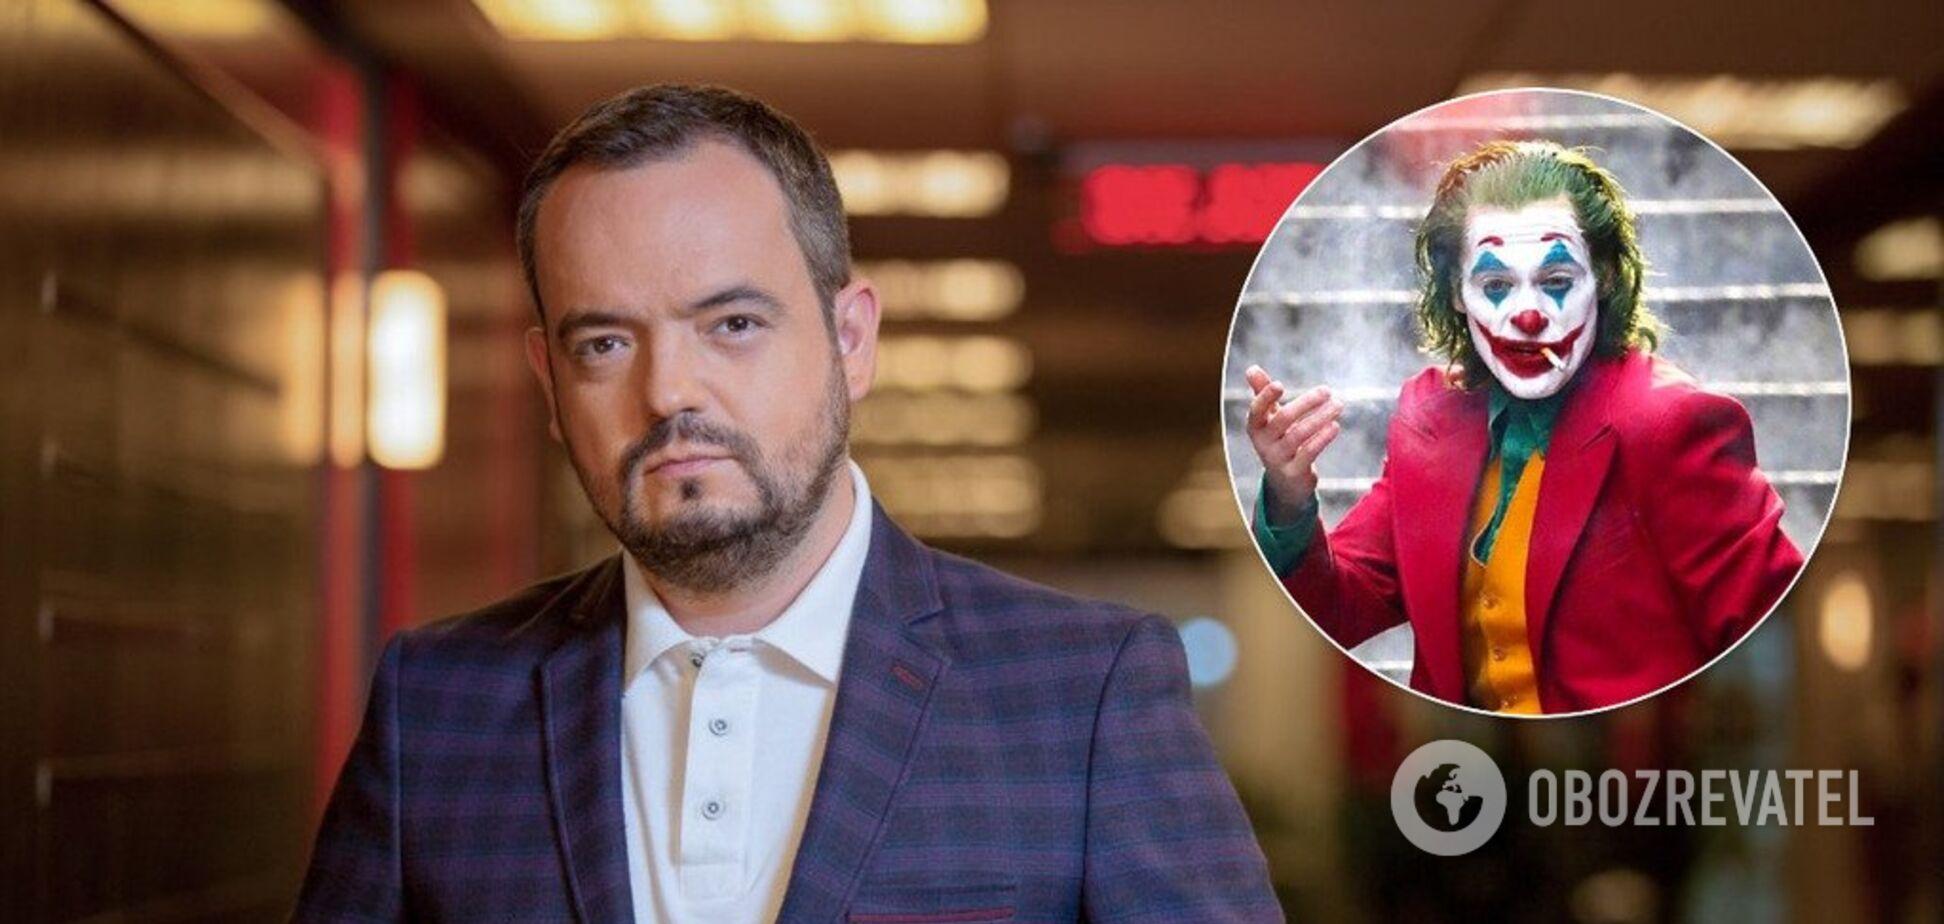 'Слуги' провалили замену ловеласа Яременко: 'Джокер' слил переписку с отвергнутой кандидаткой